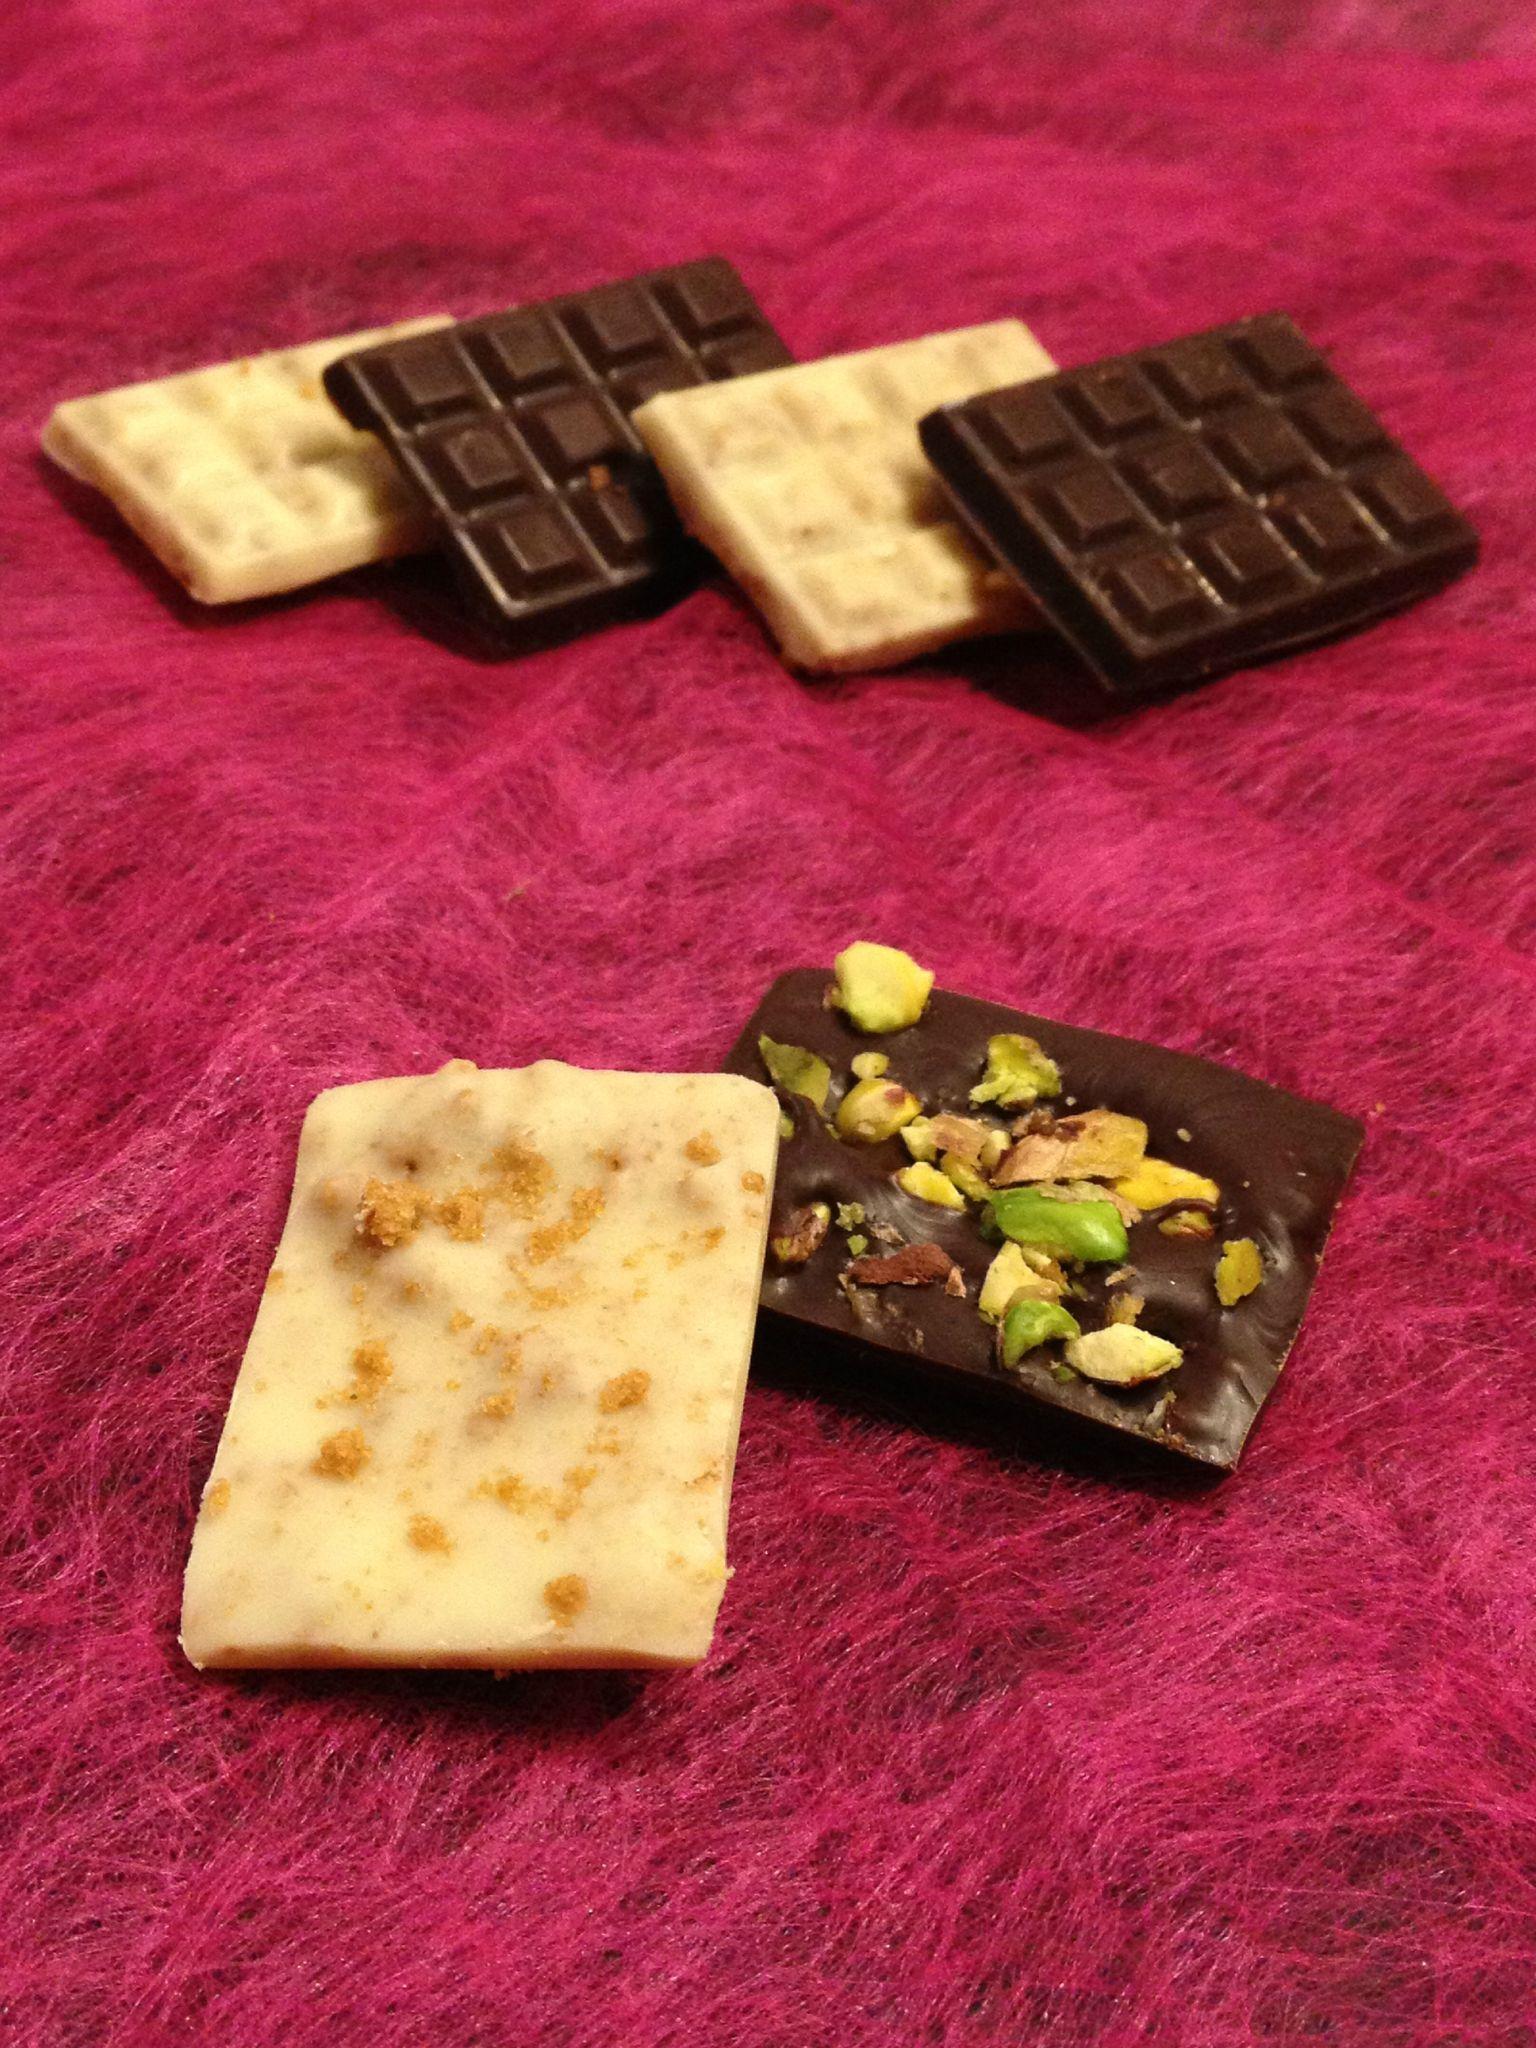 Minis Tablettes Au Chocolat - Quand Super Maman Cuisine concernant Tablette Chocolat Dessin